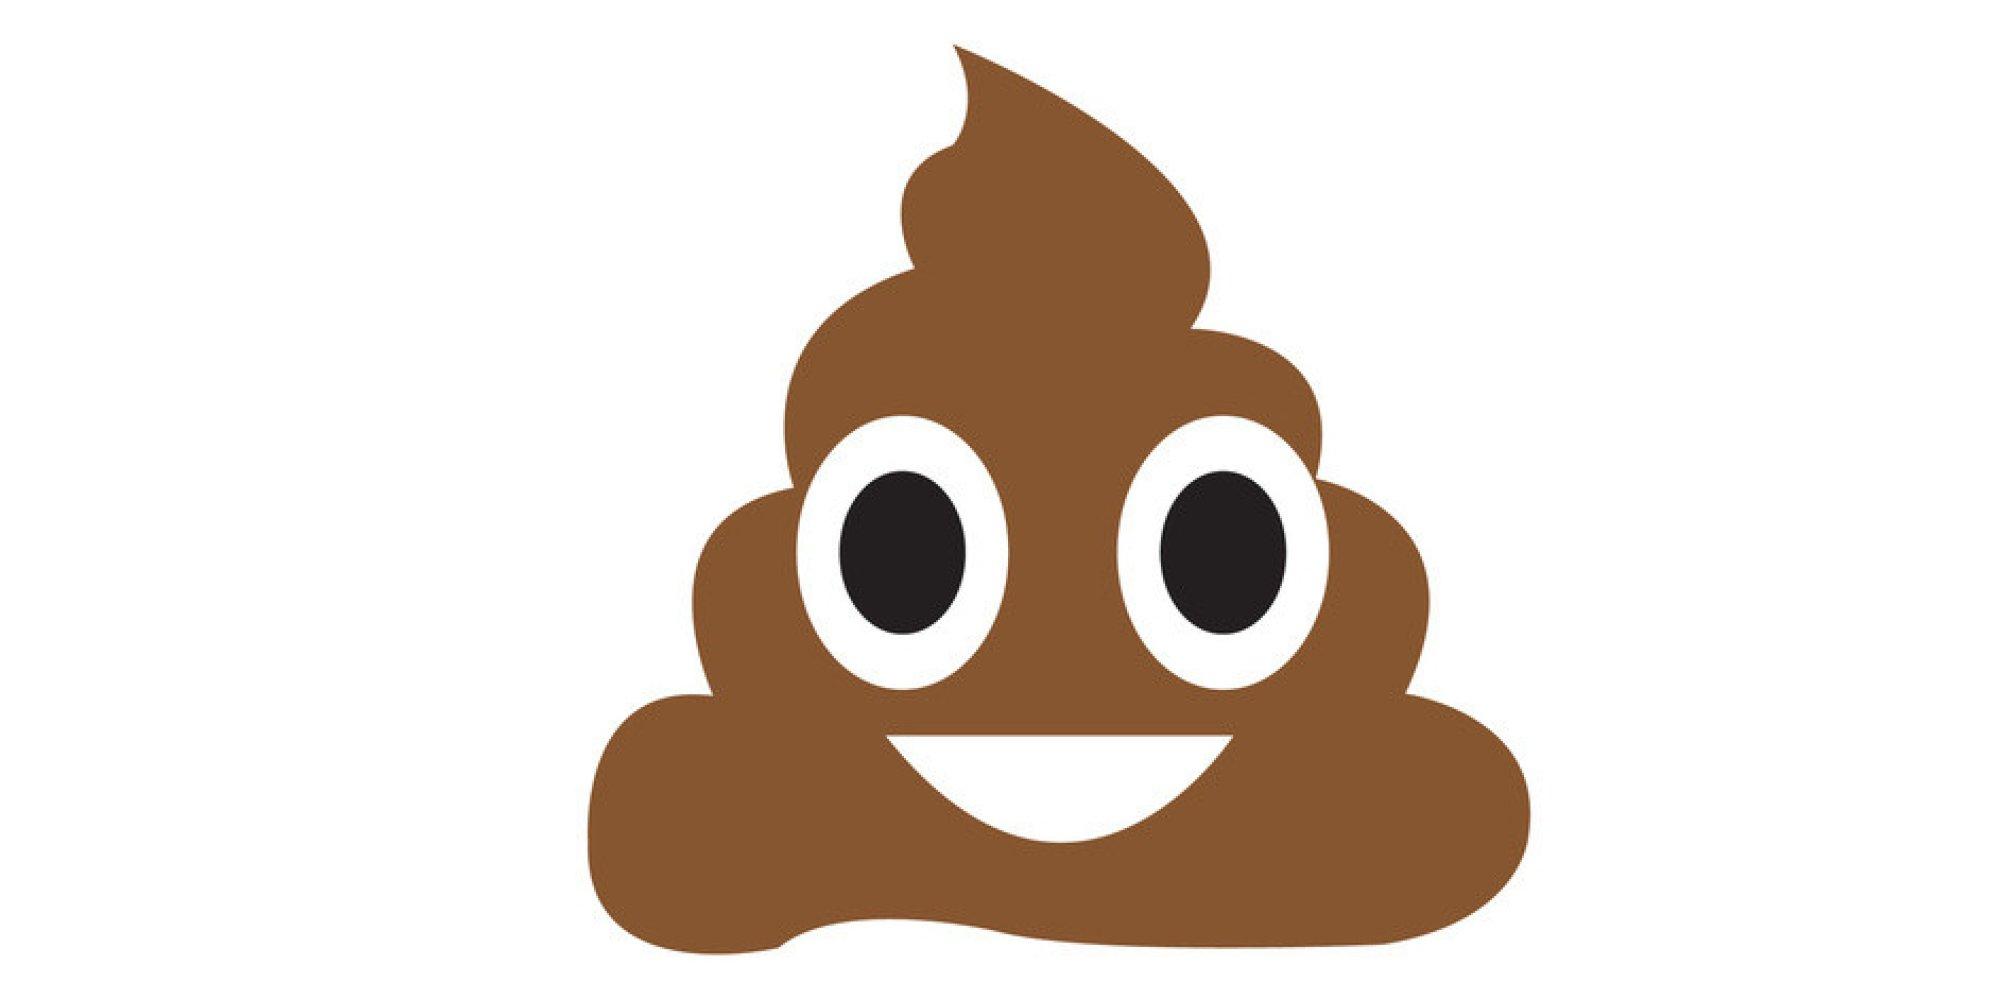 2000x1000 Poop Hershey Clip Art